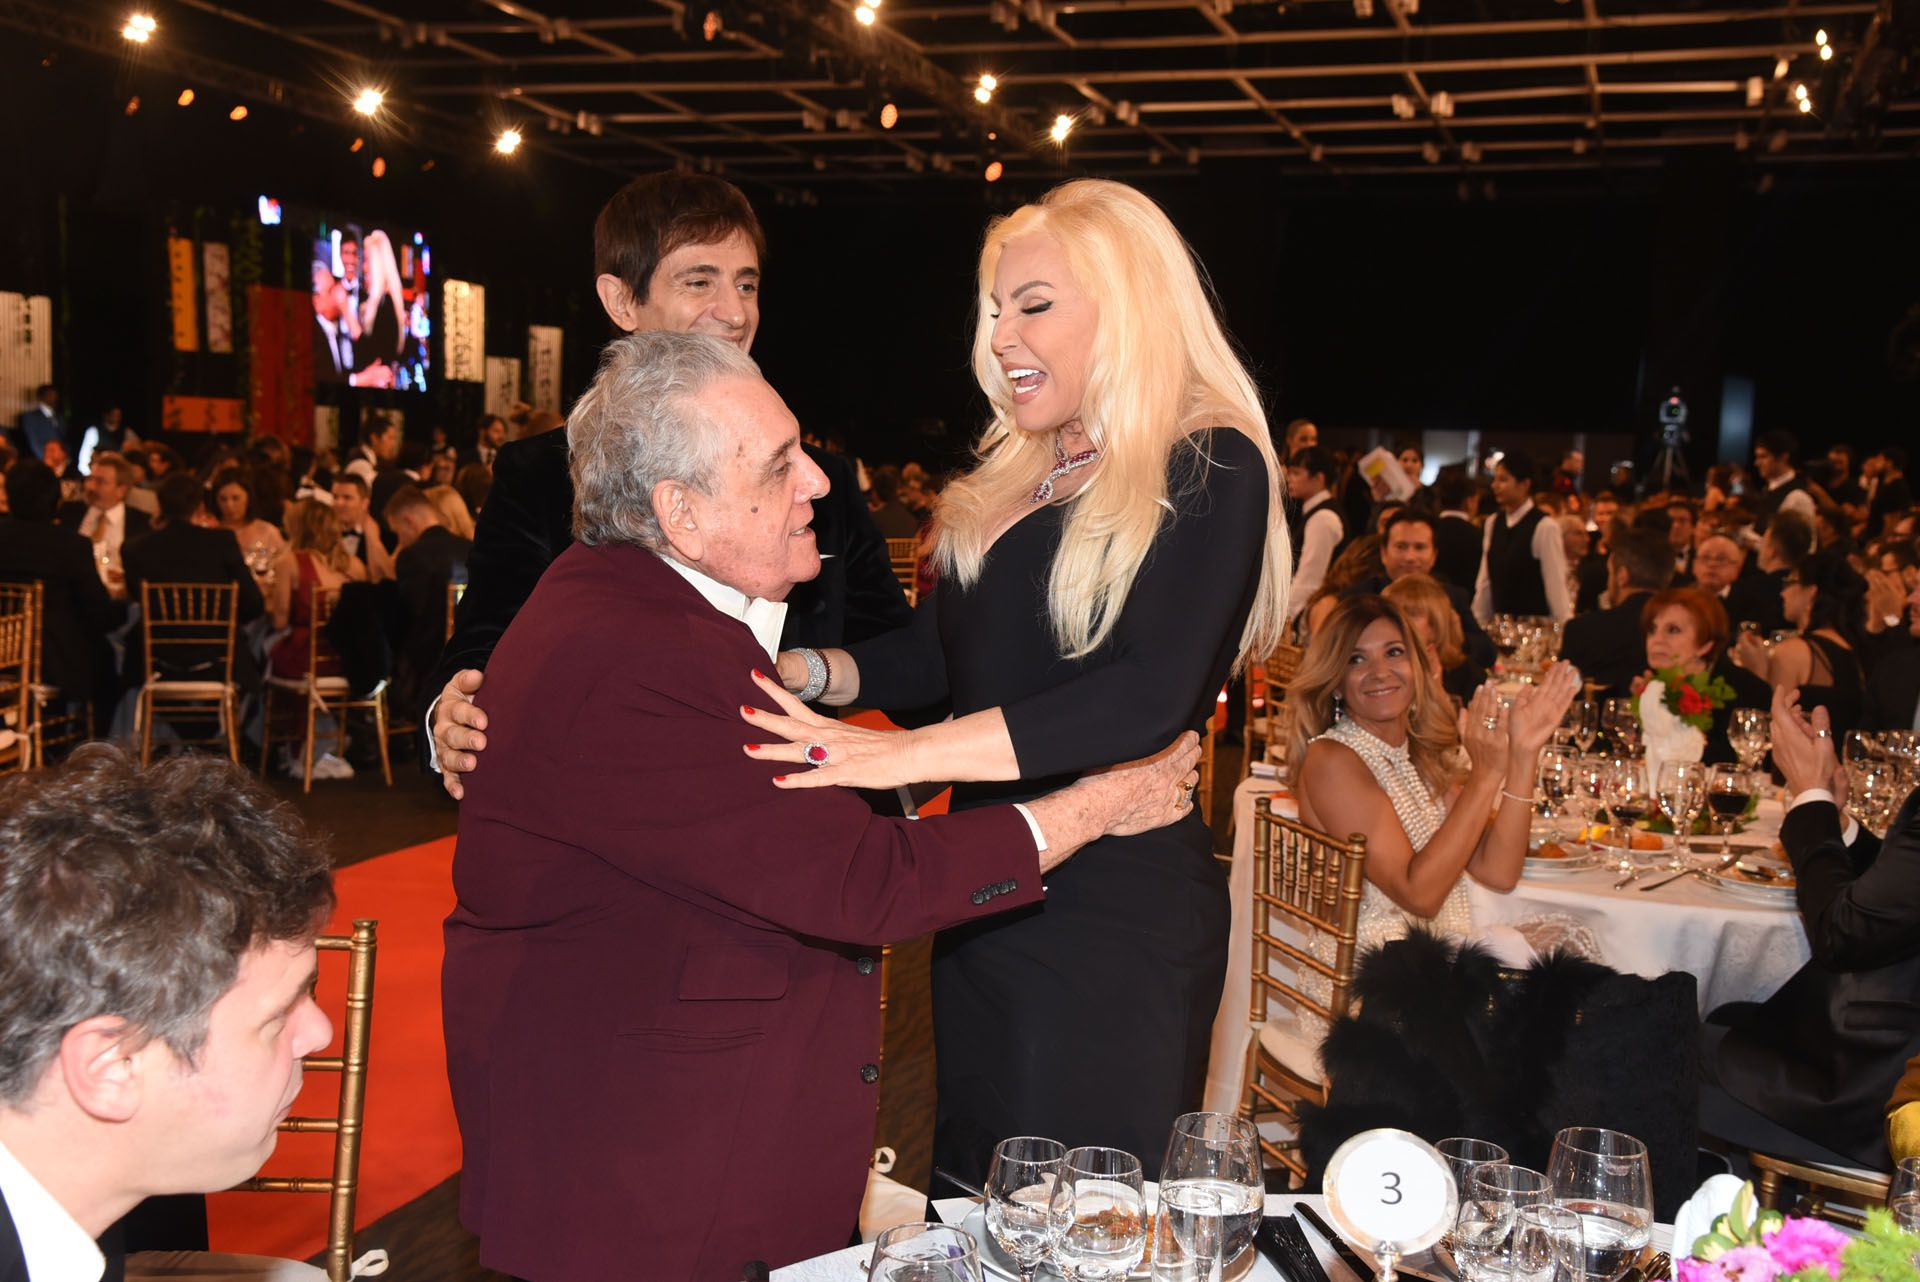 Susana Giménez y Antonio Gasalla, en unaentrega de los Martín Fierro.Son amigos, pero ya no compañeros